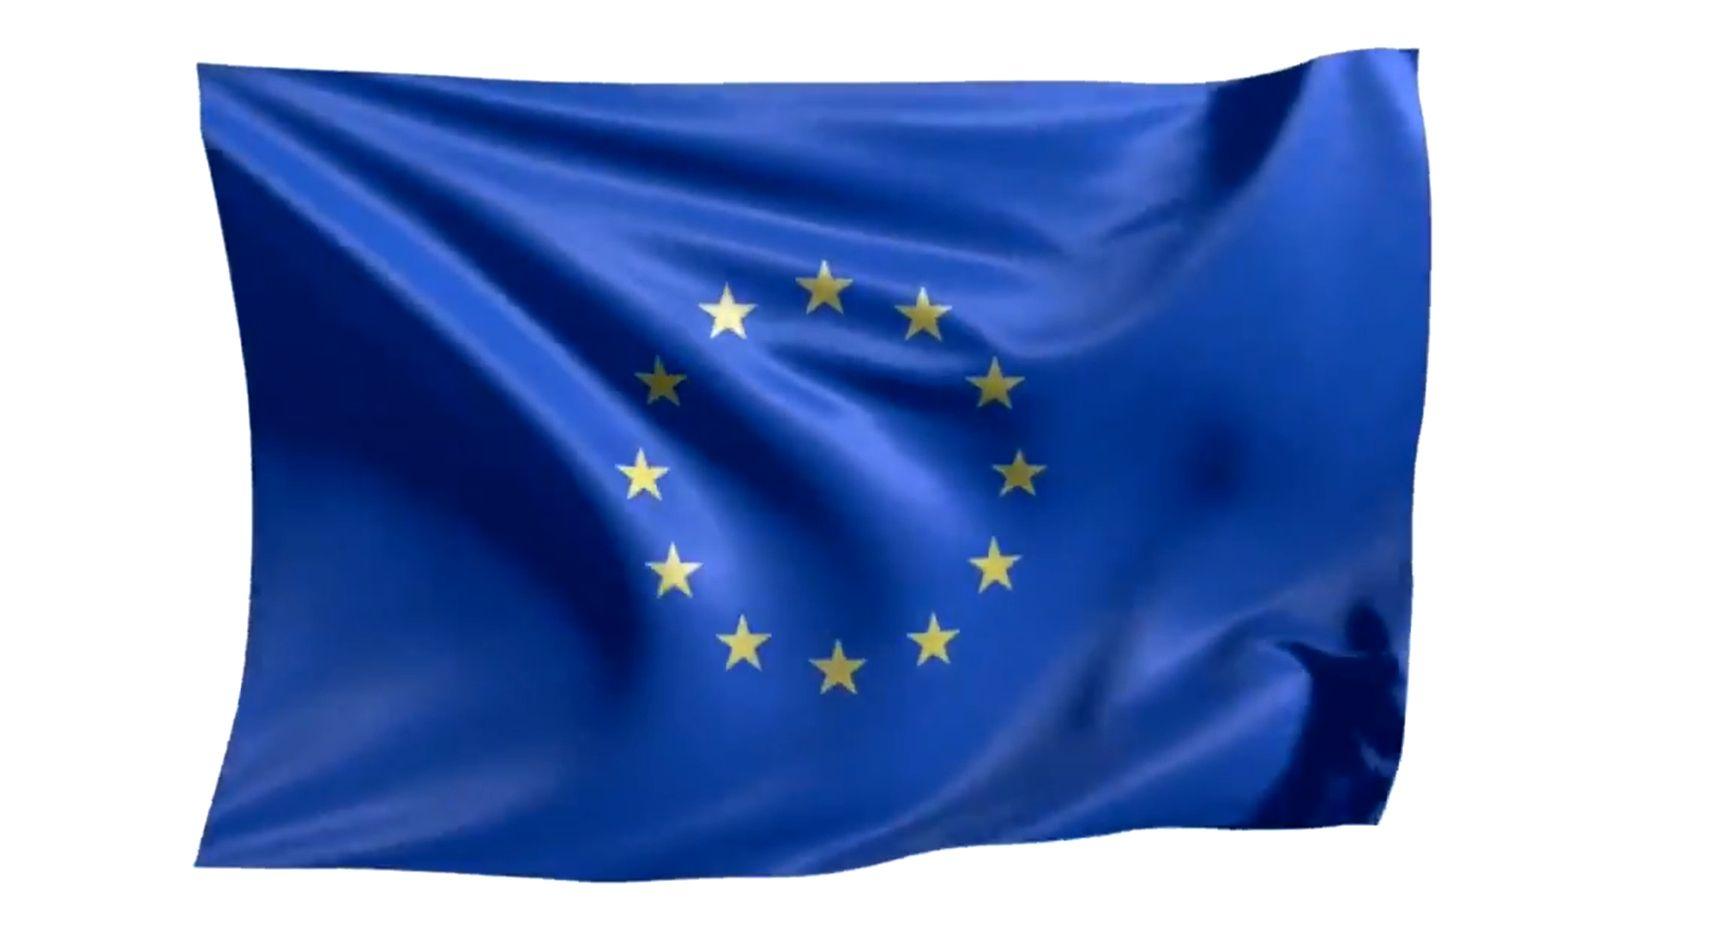 Представництво ЄС привітало Україну з Днем писемності й мови віршем Ліни Костенко